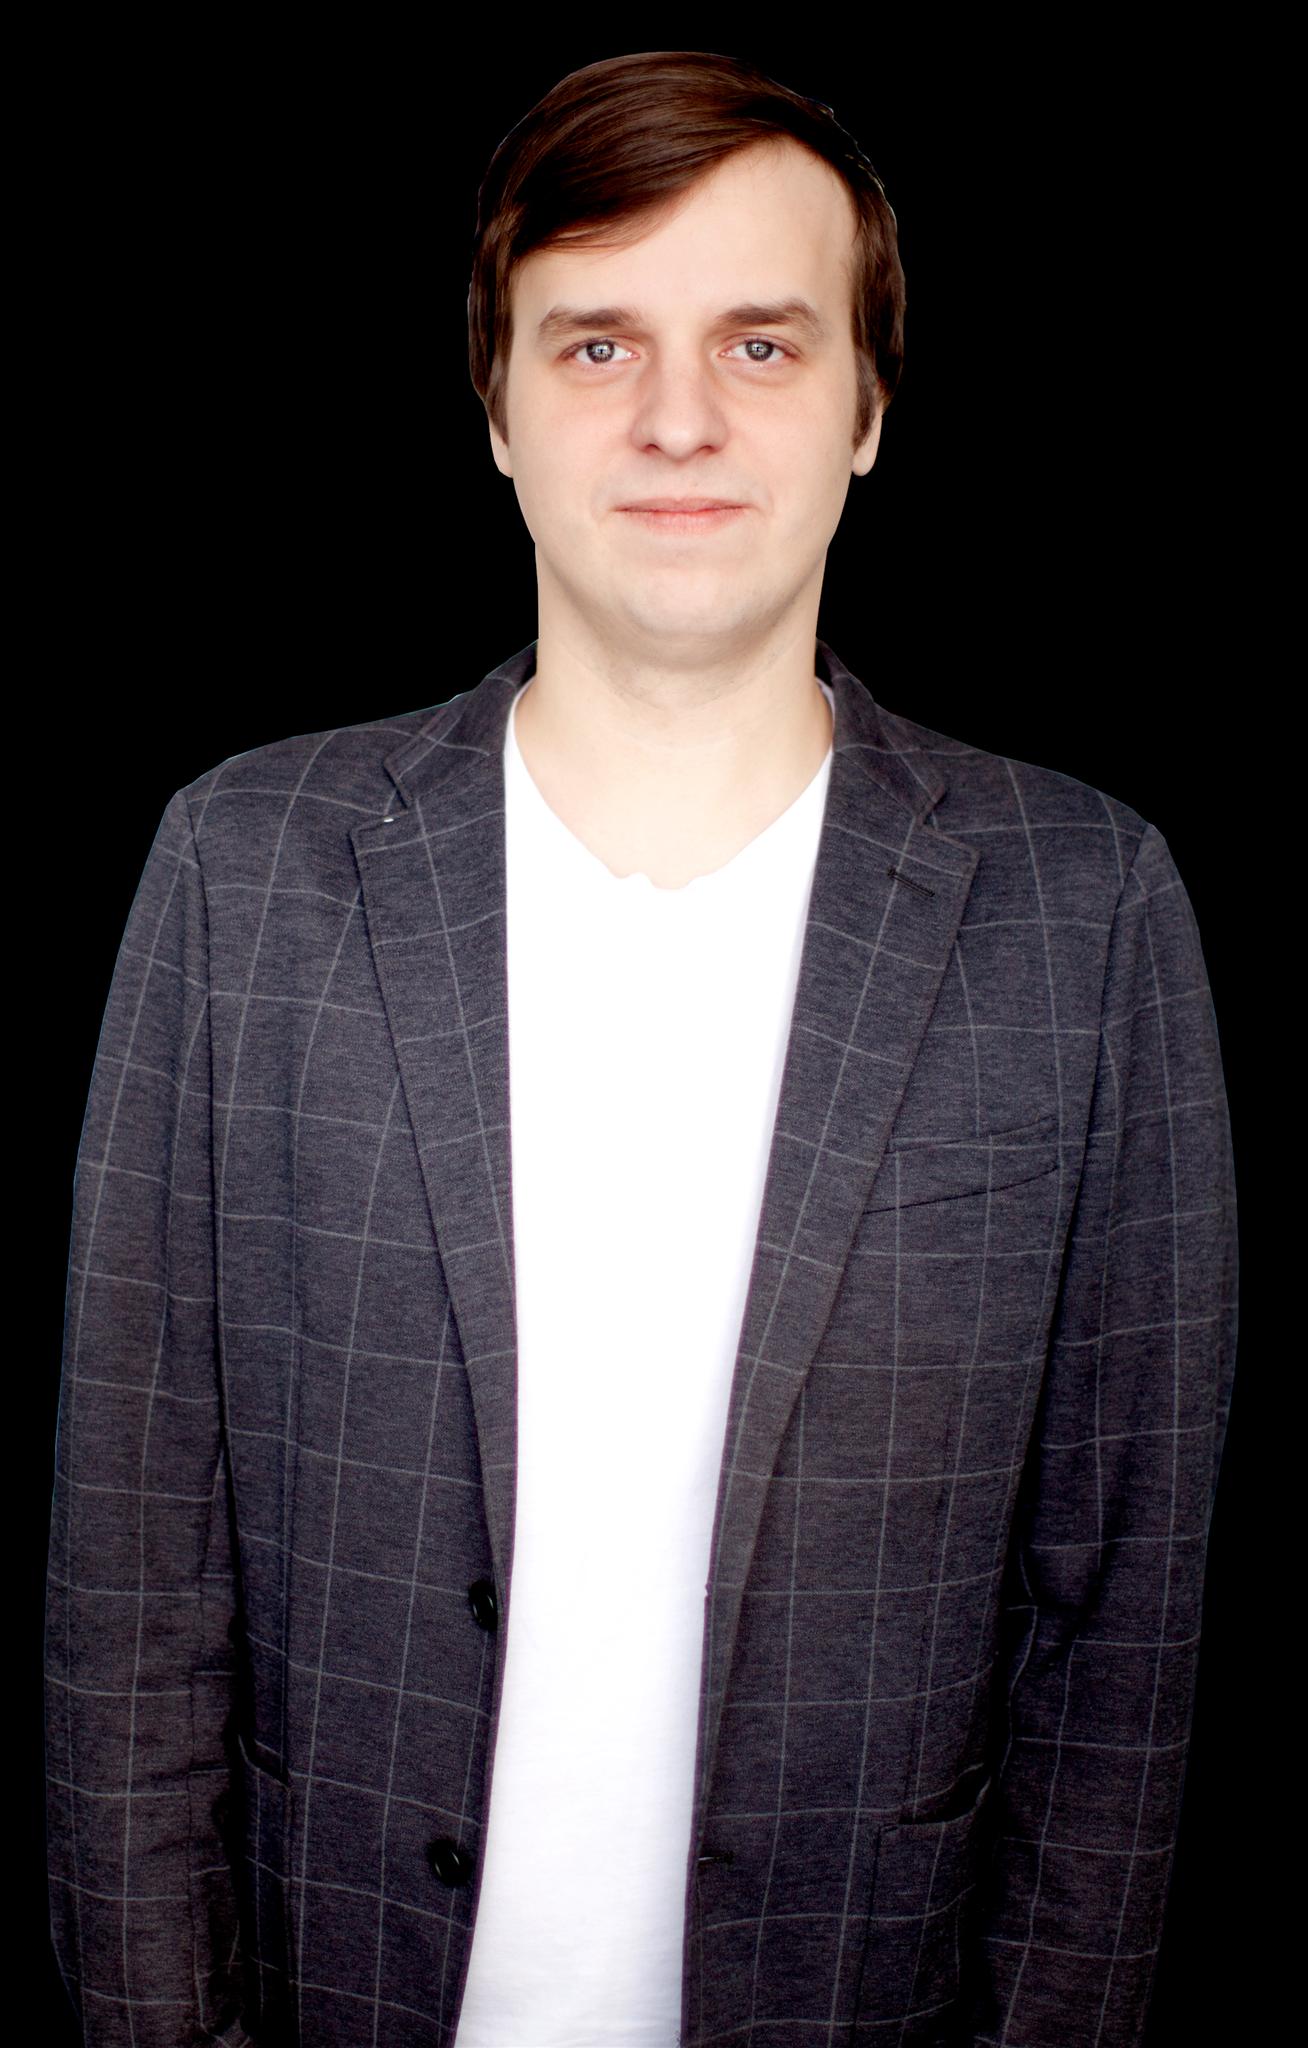 Даниленко Алексей, руководитель интернет маркетинга, направления «Госзакупки»